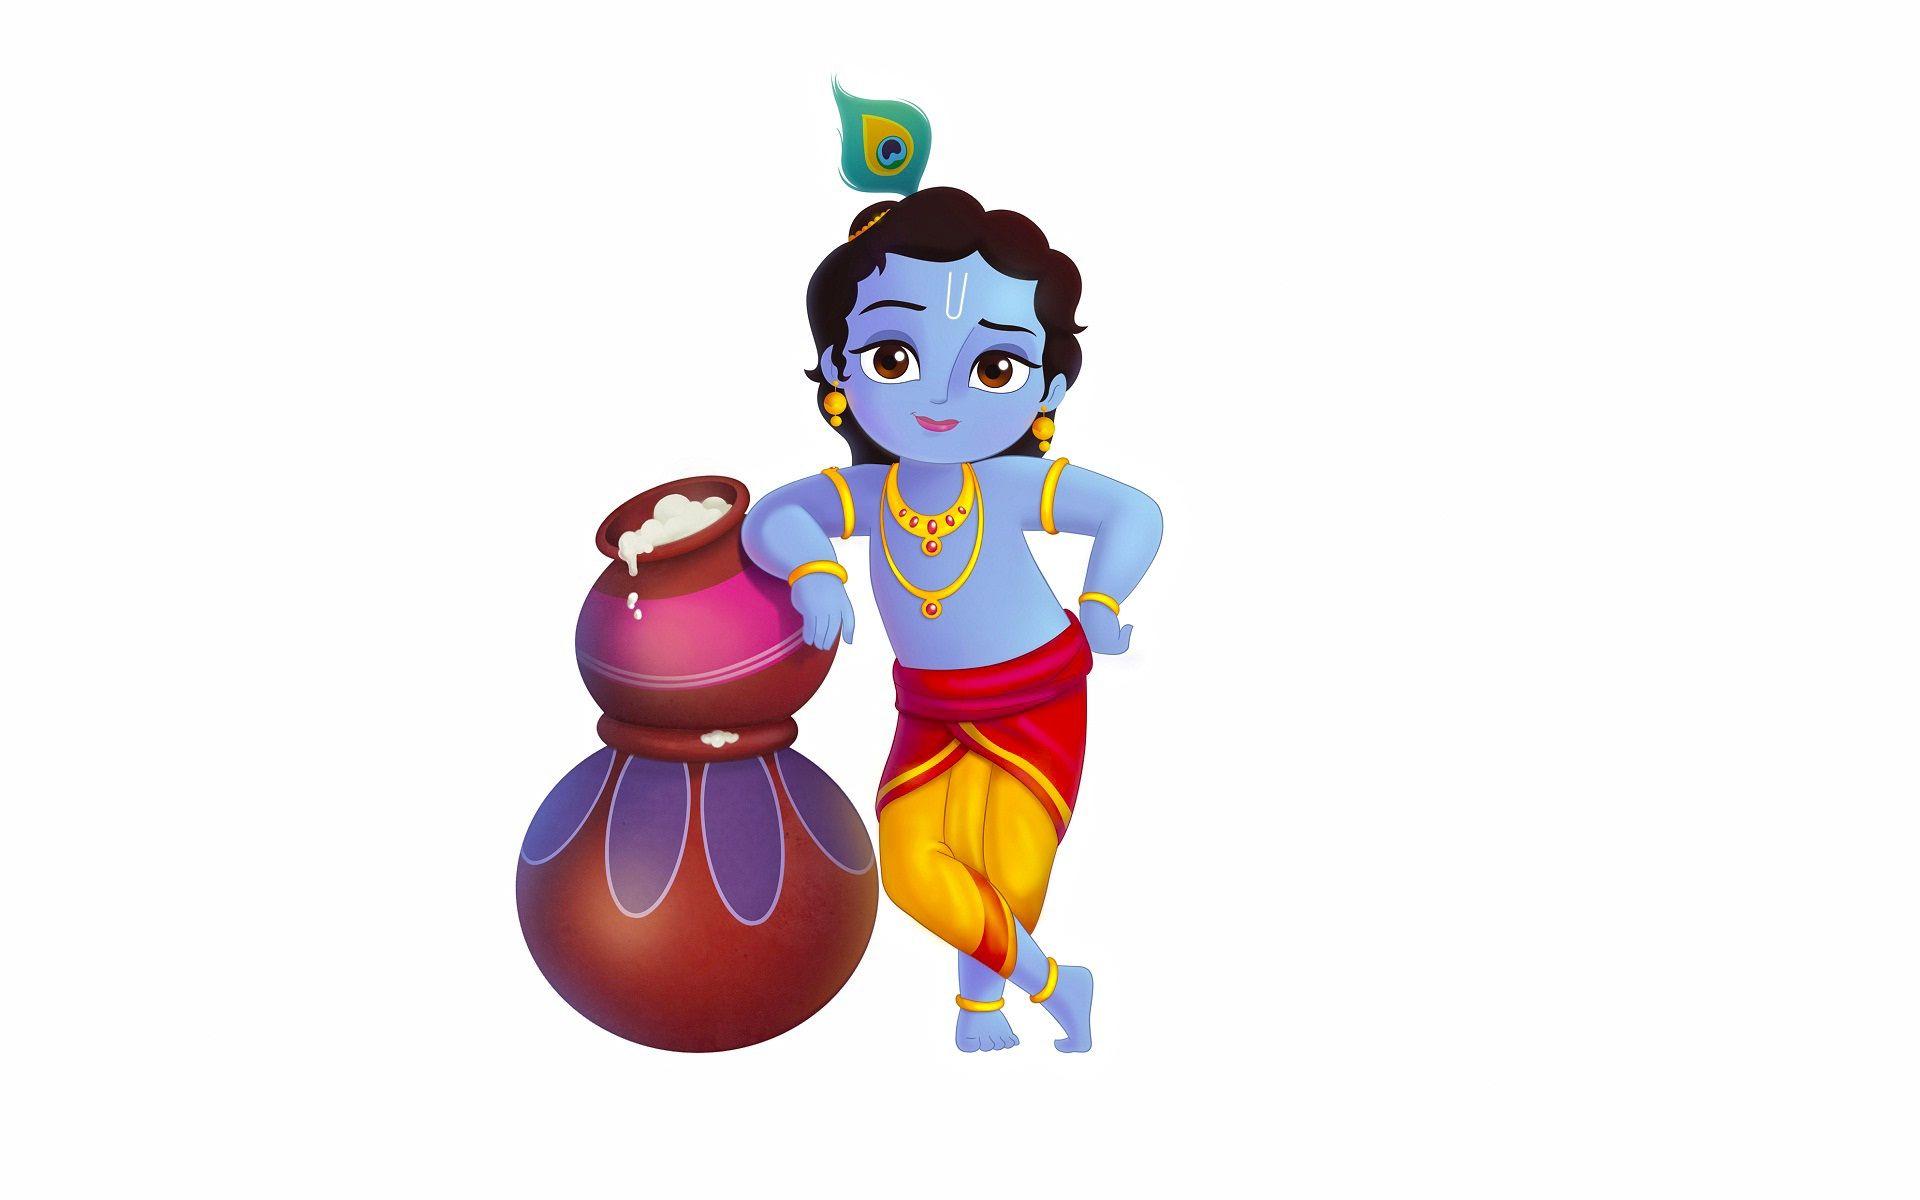 Shree Krishna animation wallpaper New hd wallpaperNew hd ...